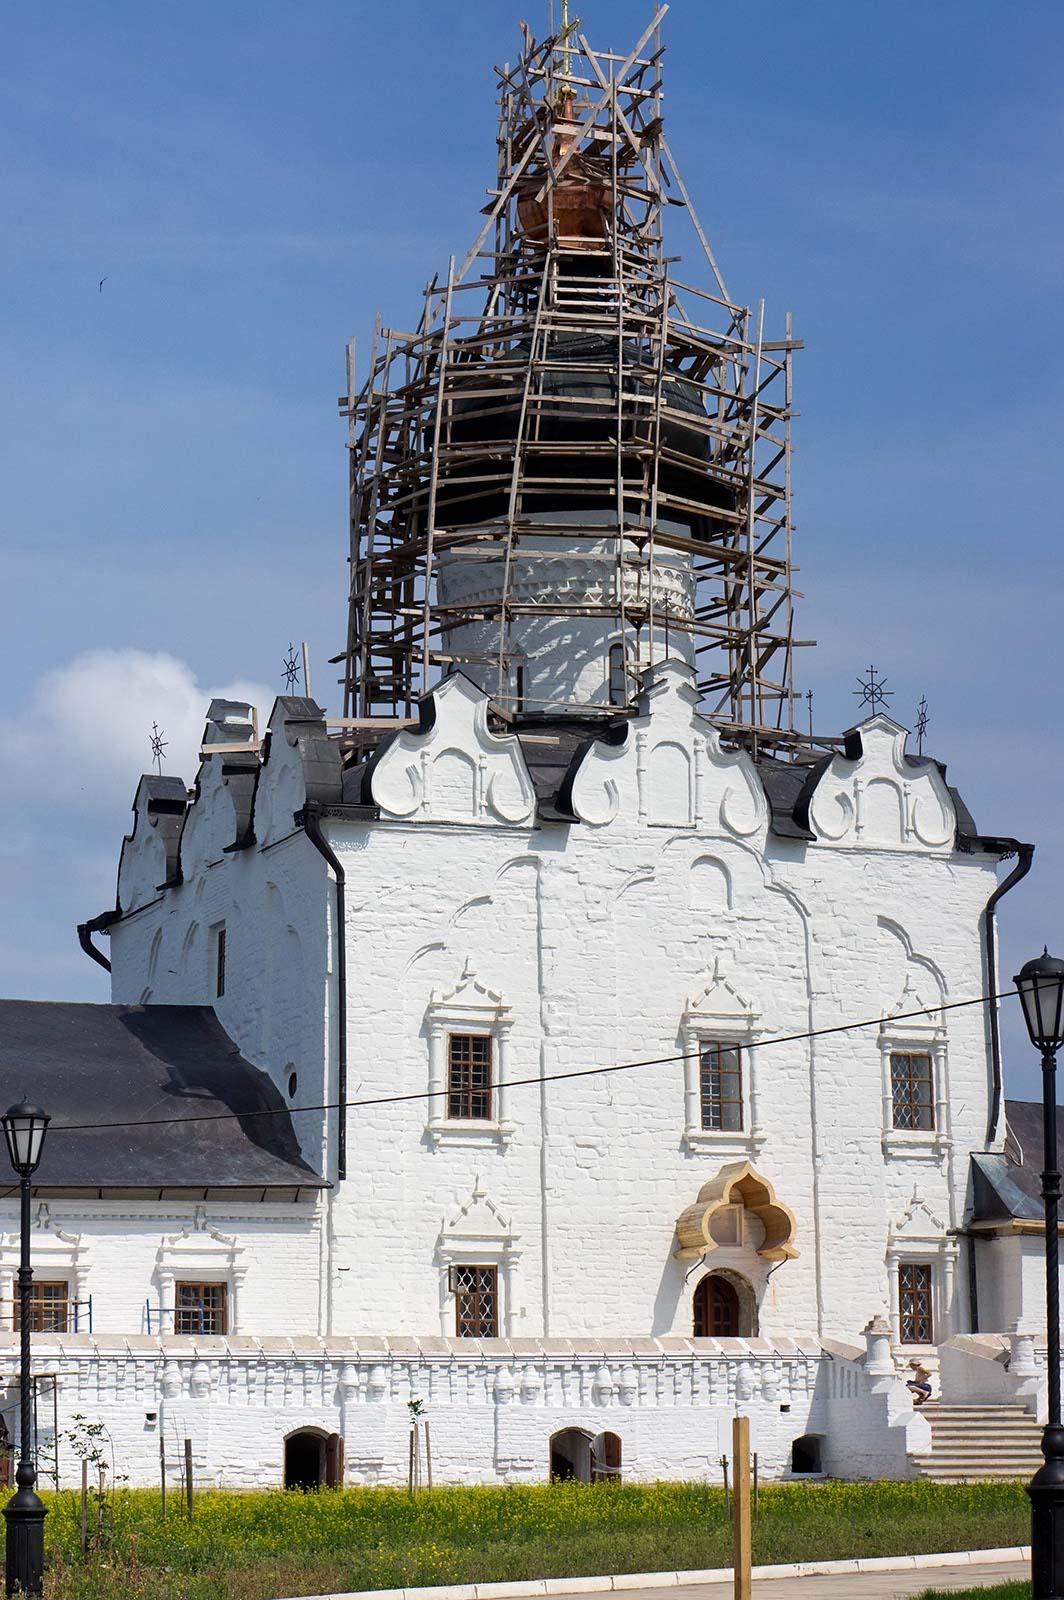 Фото №104640. Успенский собор. Свияжск, июль 2012